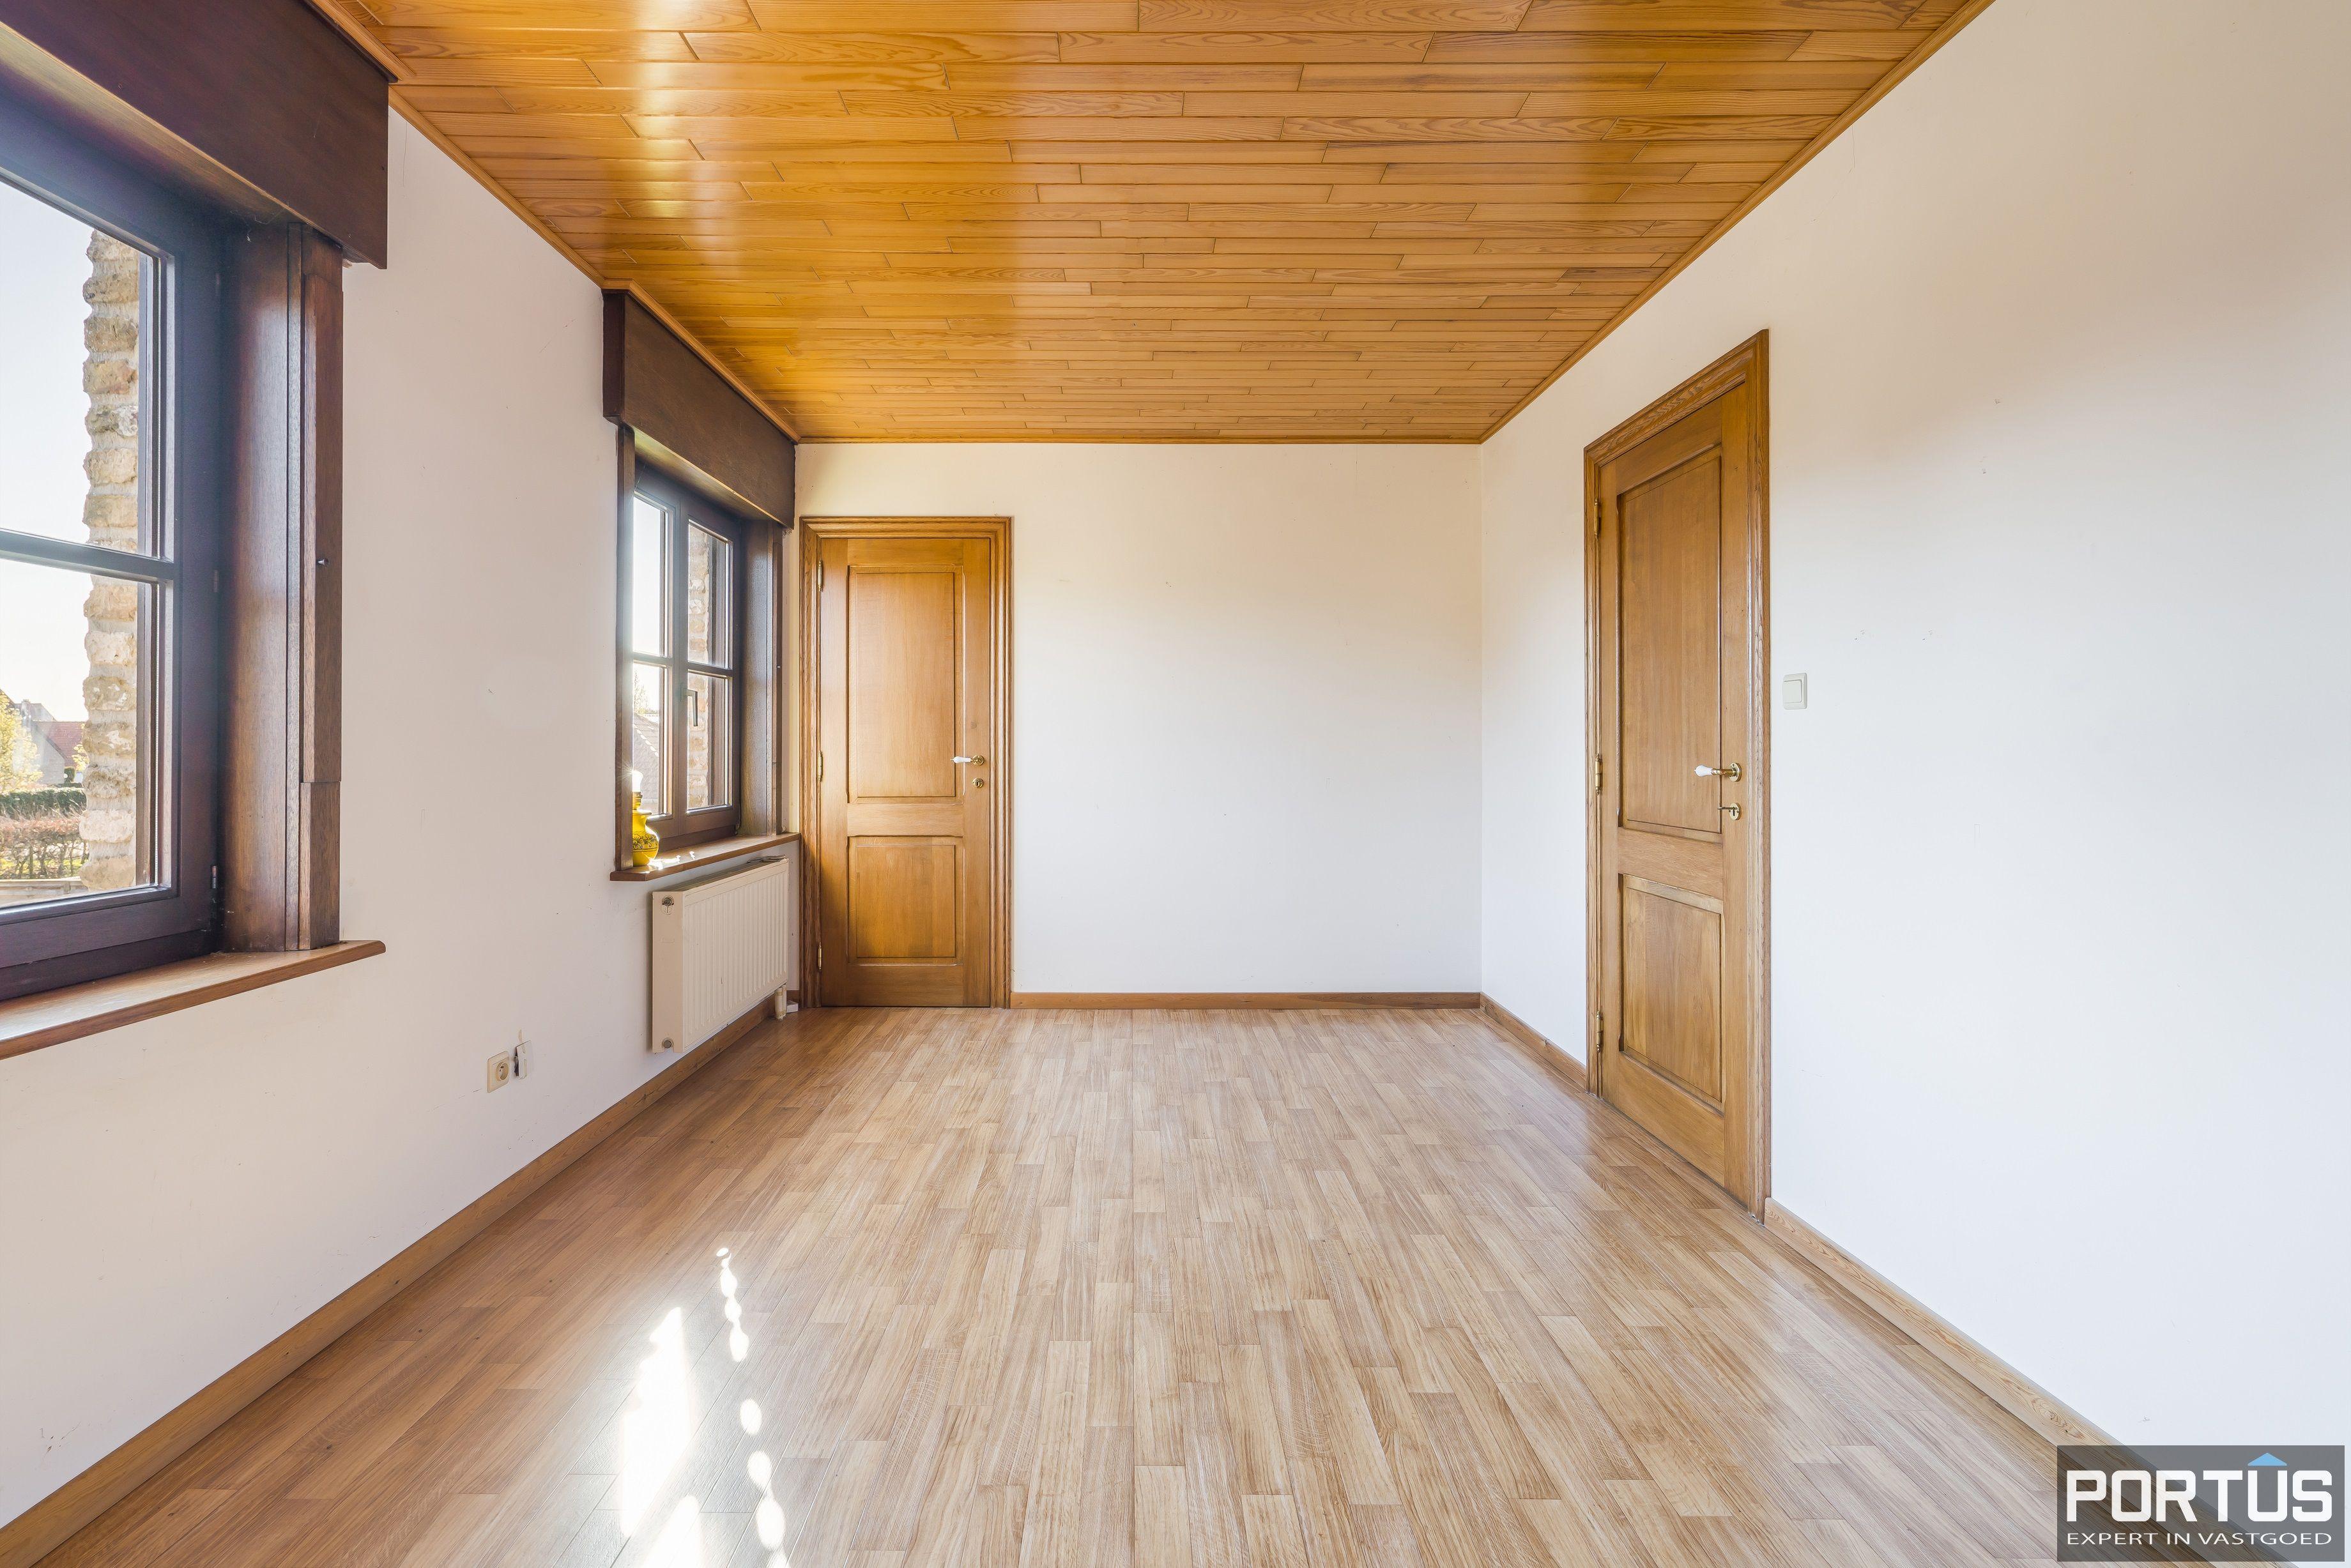 Woning te koop met 4 slaapkamers te Oostduinkerke - 13742